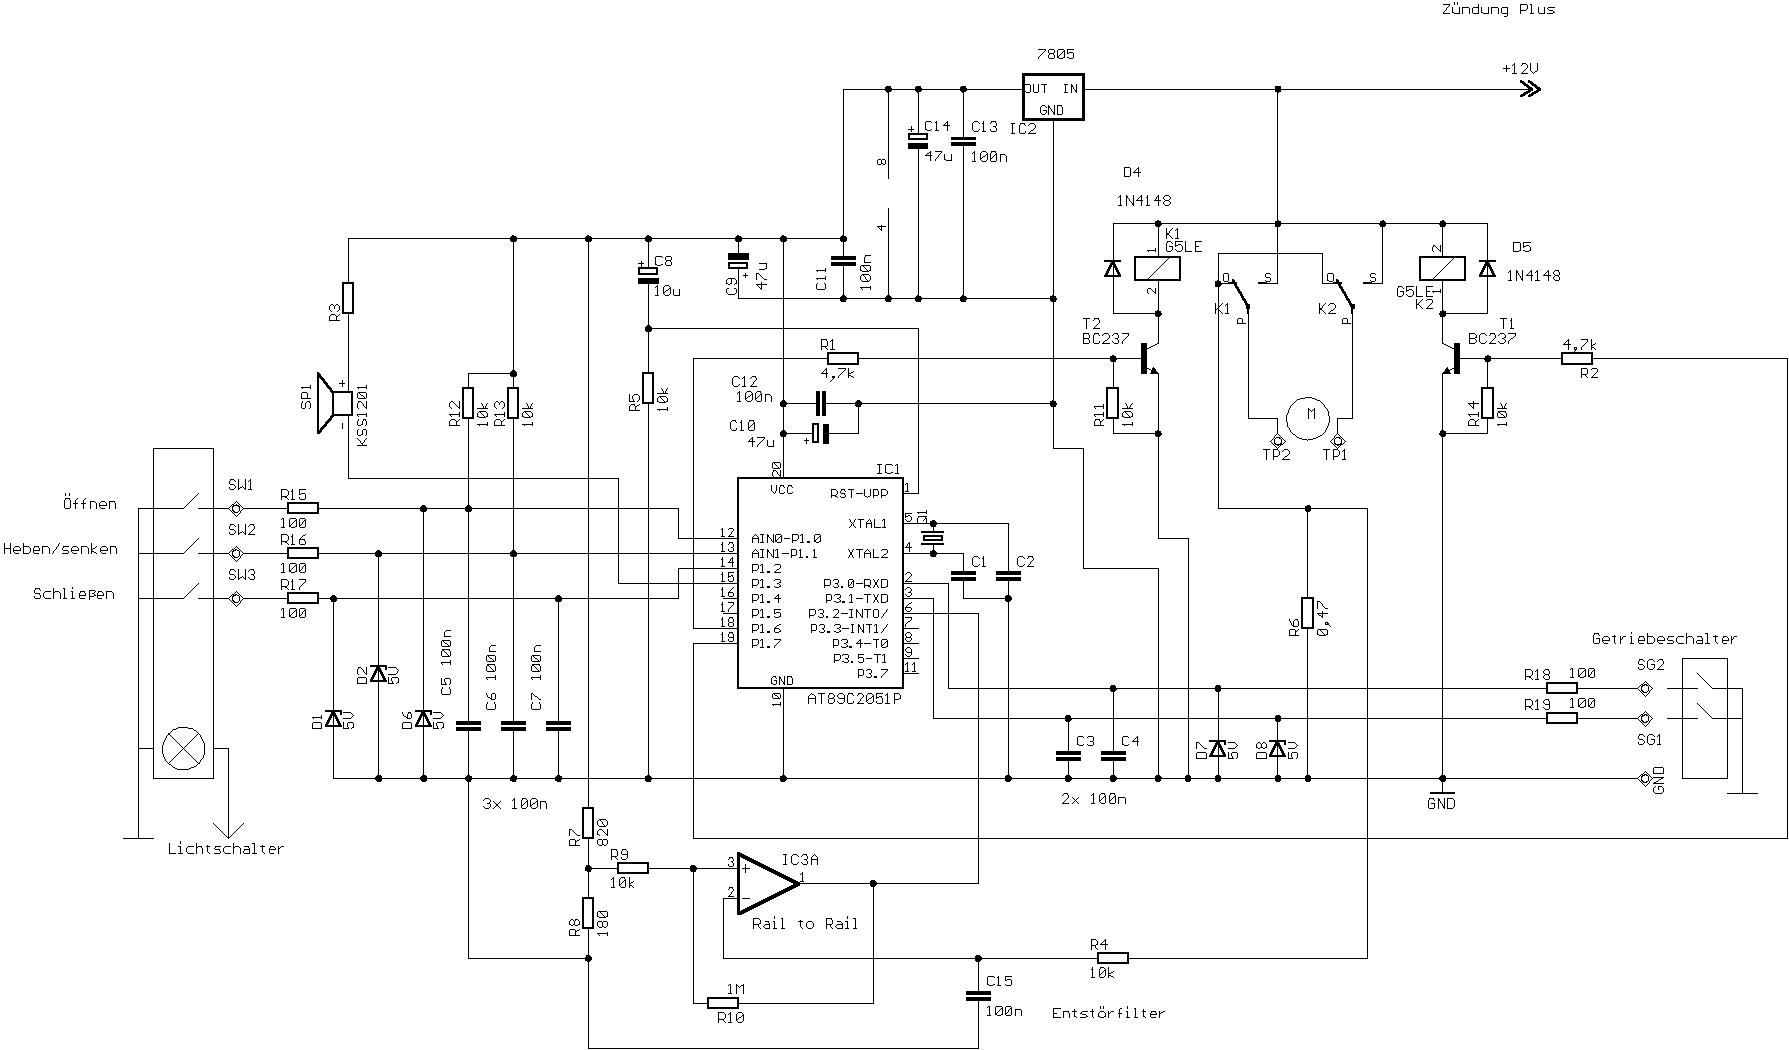 DC Motorabschaltung bei Anschlag - Mikrocontroller.net